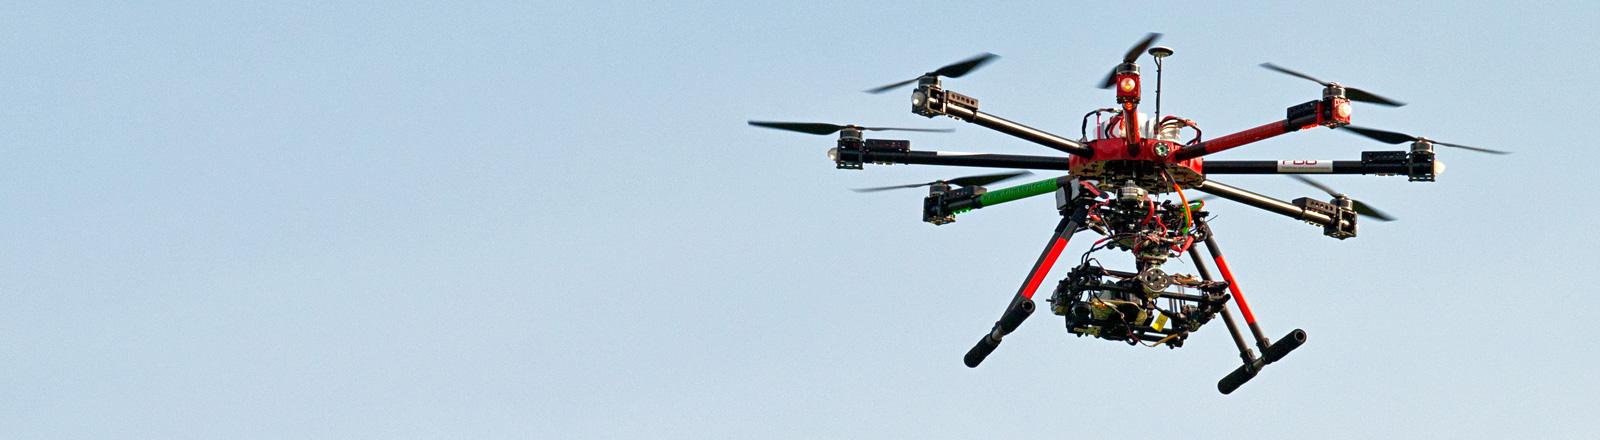 Ein Quadrokopter mit acht Rotoren schwebt am Himmel; Bild: dpa